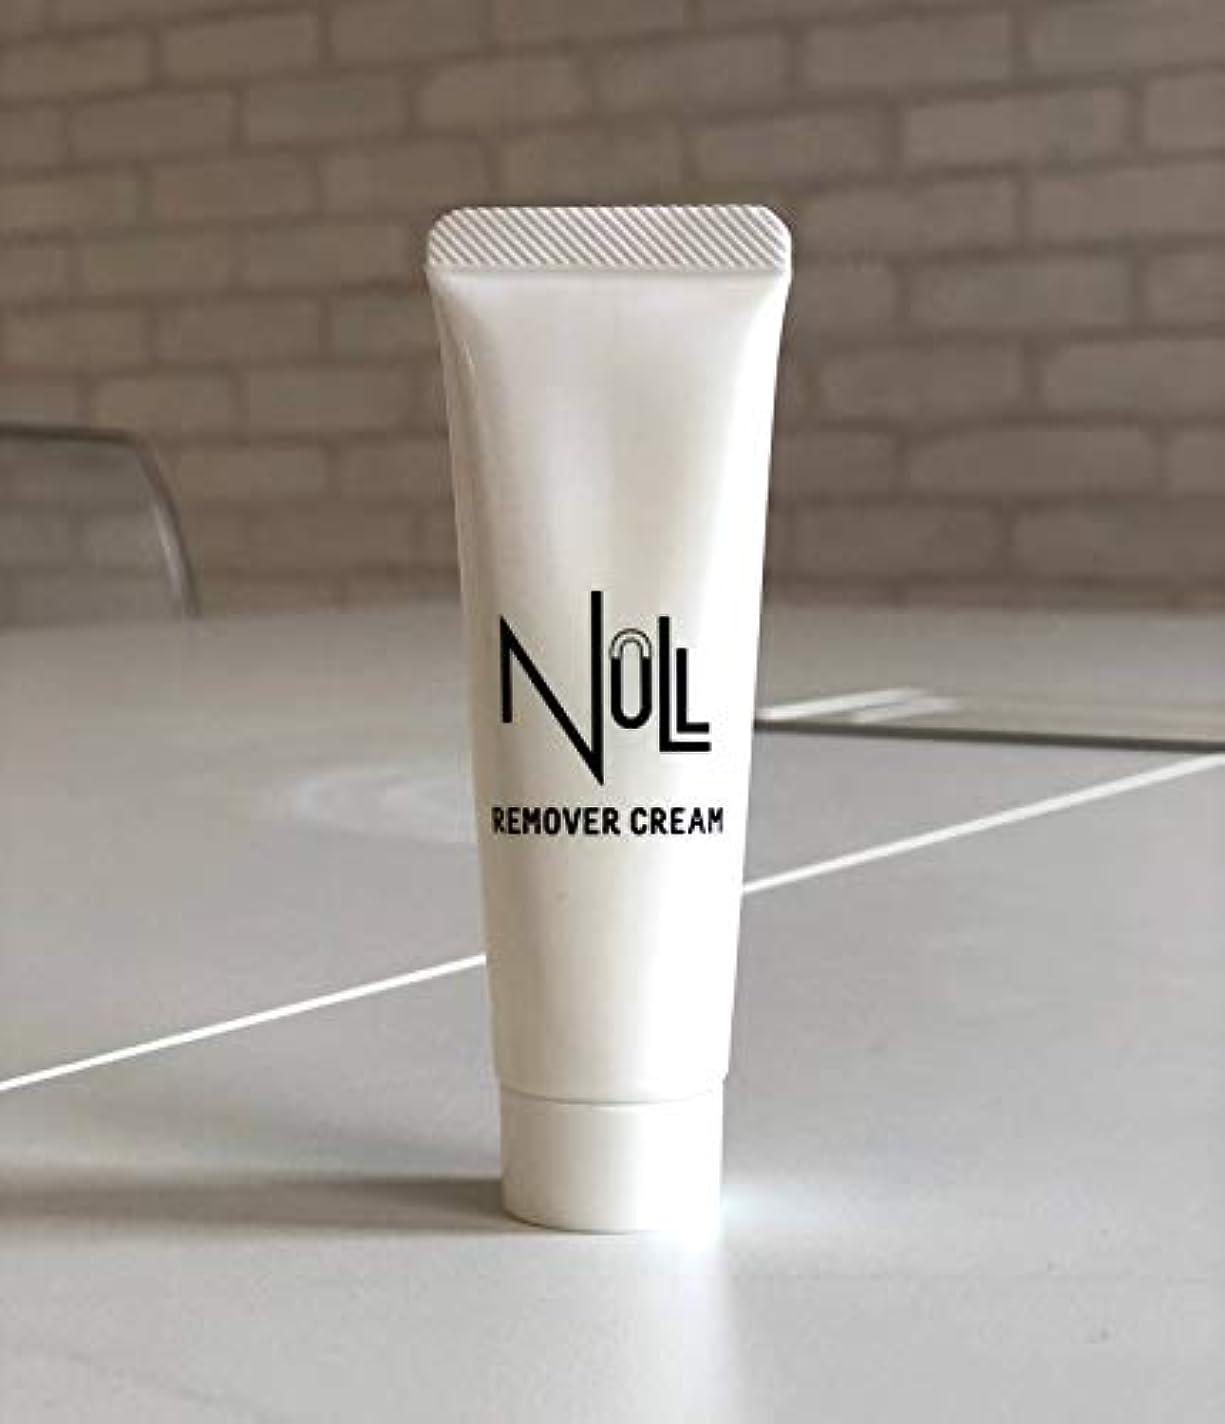 エージェントまっすぐコードNULL メンズ 薬用リムーバークリーム 除毛クリーム ミニサンプル 20g (陰部/Vライン/アンダーヘア/ボディ用)